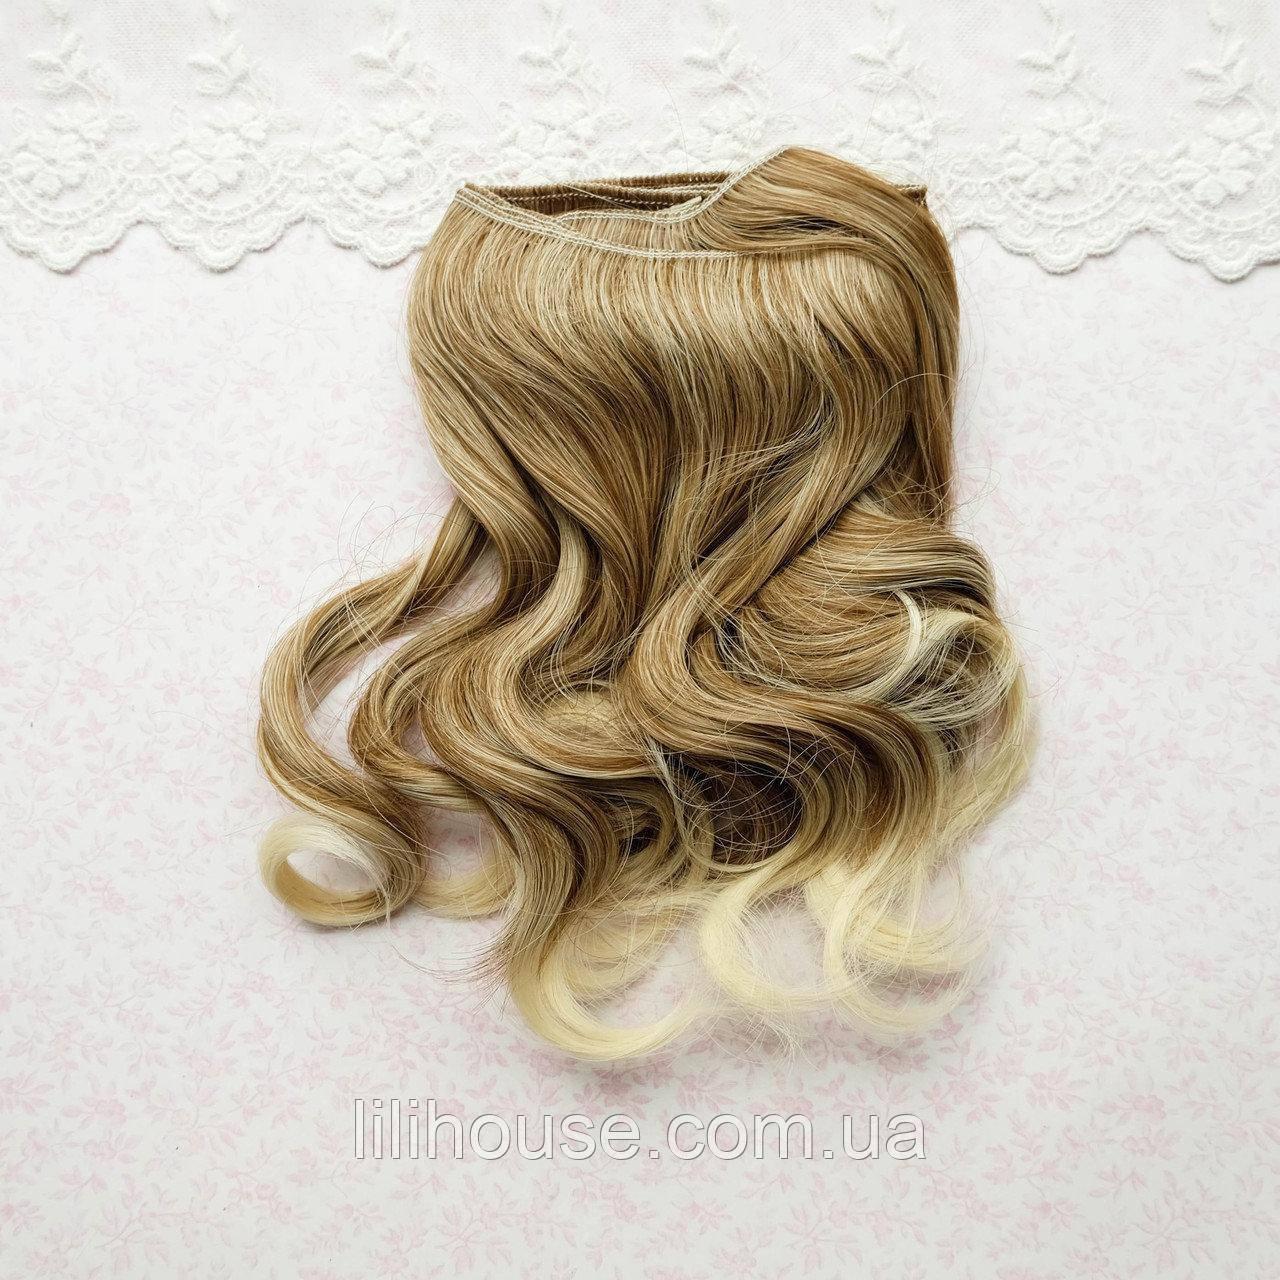 Волосся для Ляльок Тресс Велика Хвиля Омбре РУСЯВЕ і БЛОНД 25 см